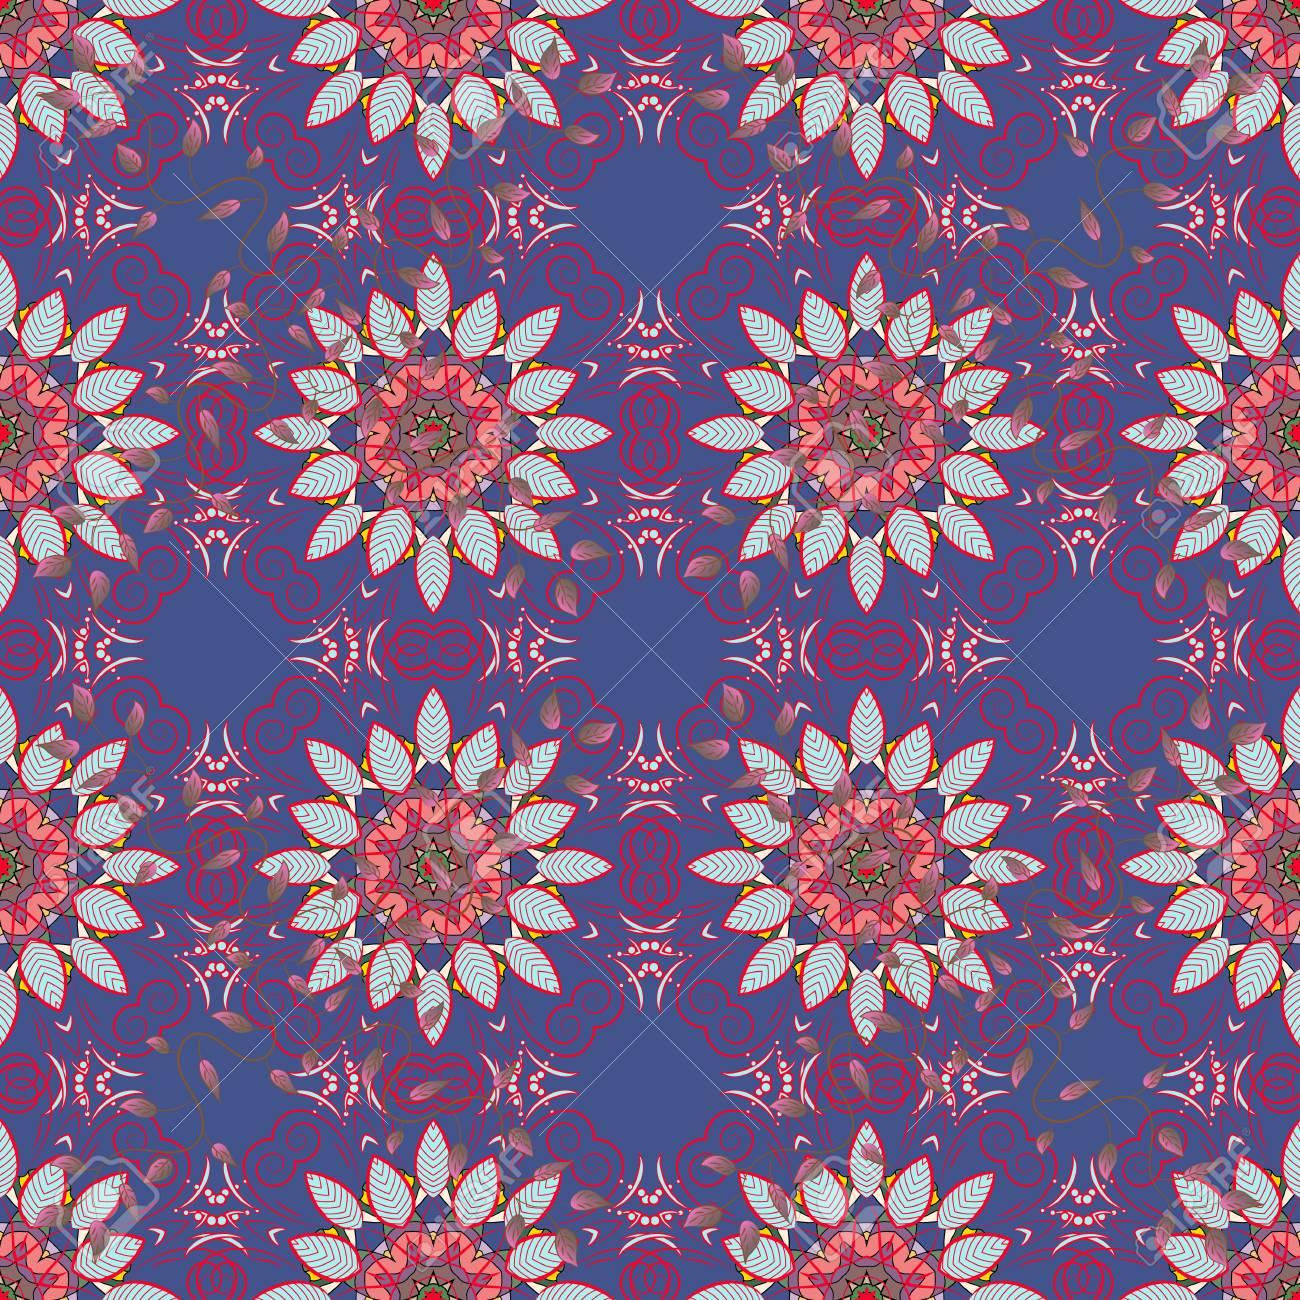 Ziemlich Druckbare Muster Zum Einfärben Fotos - Druckbare ...